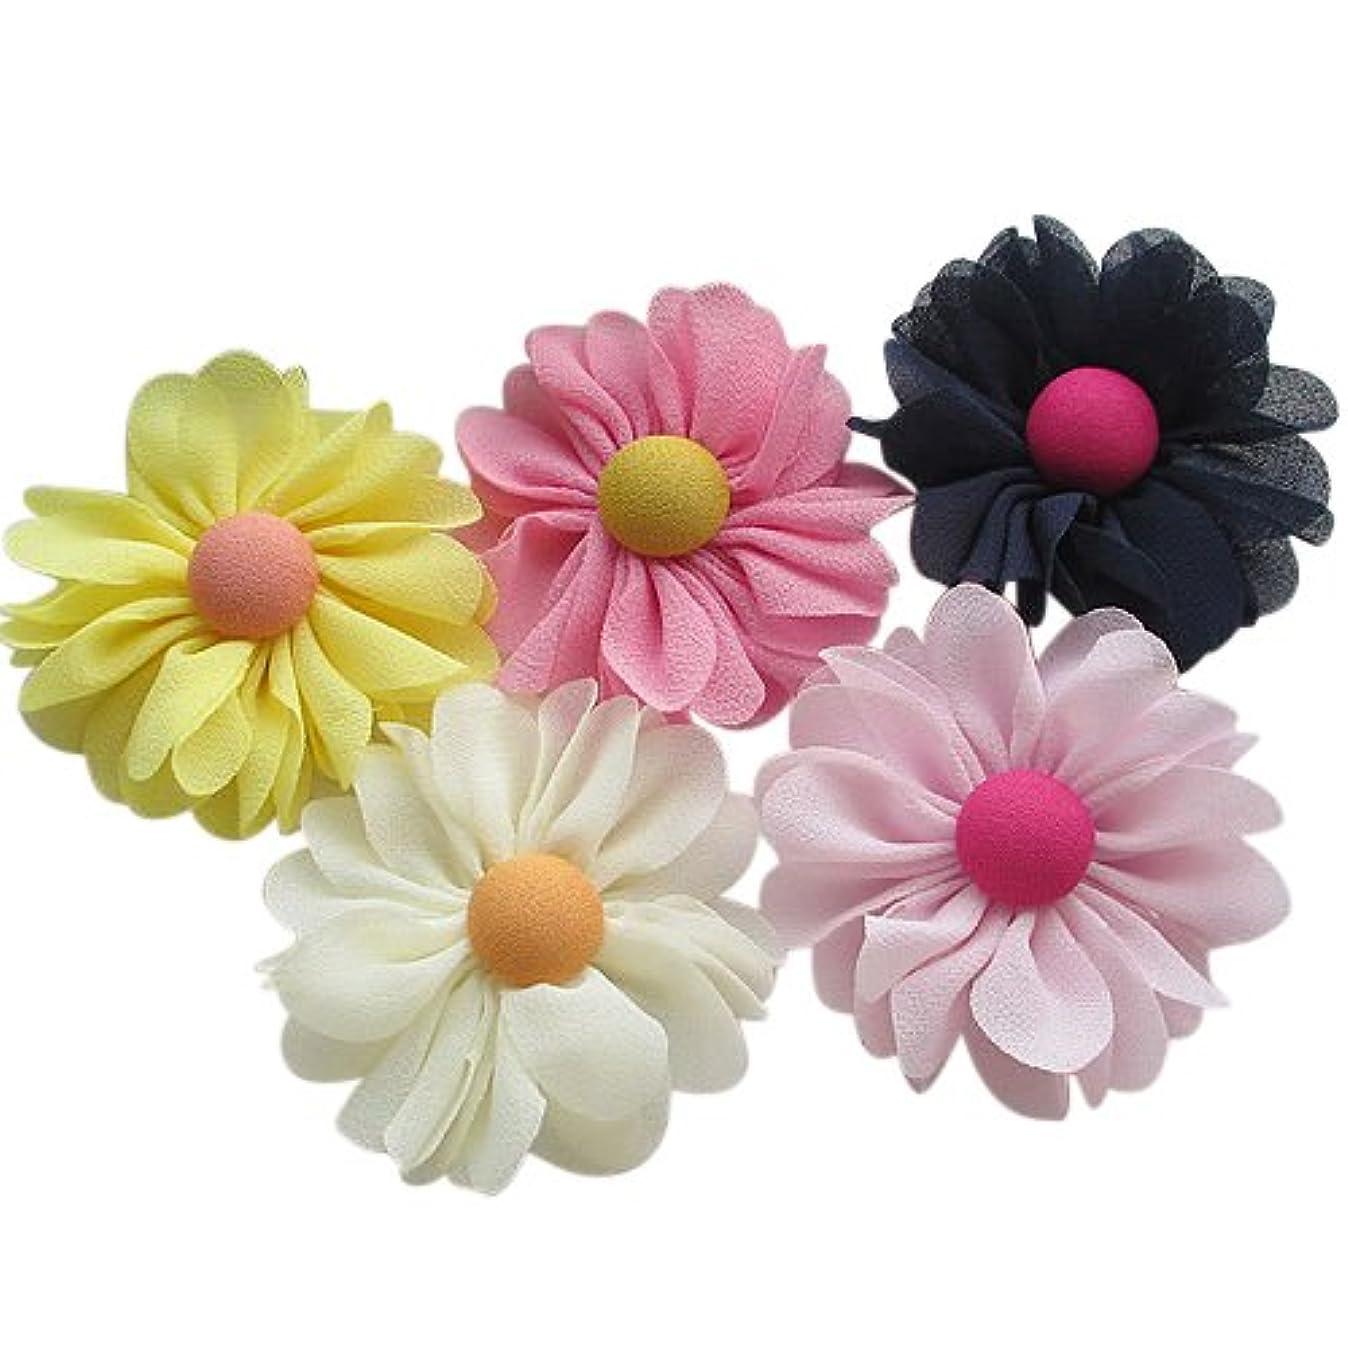 Chenkou Craft 20pcs 60mm New Organza Ribbon Chiffon Flowers Bows Sewing Wedding Decoration (Chiffon Flower(A0389)) l4858685801